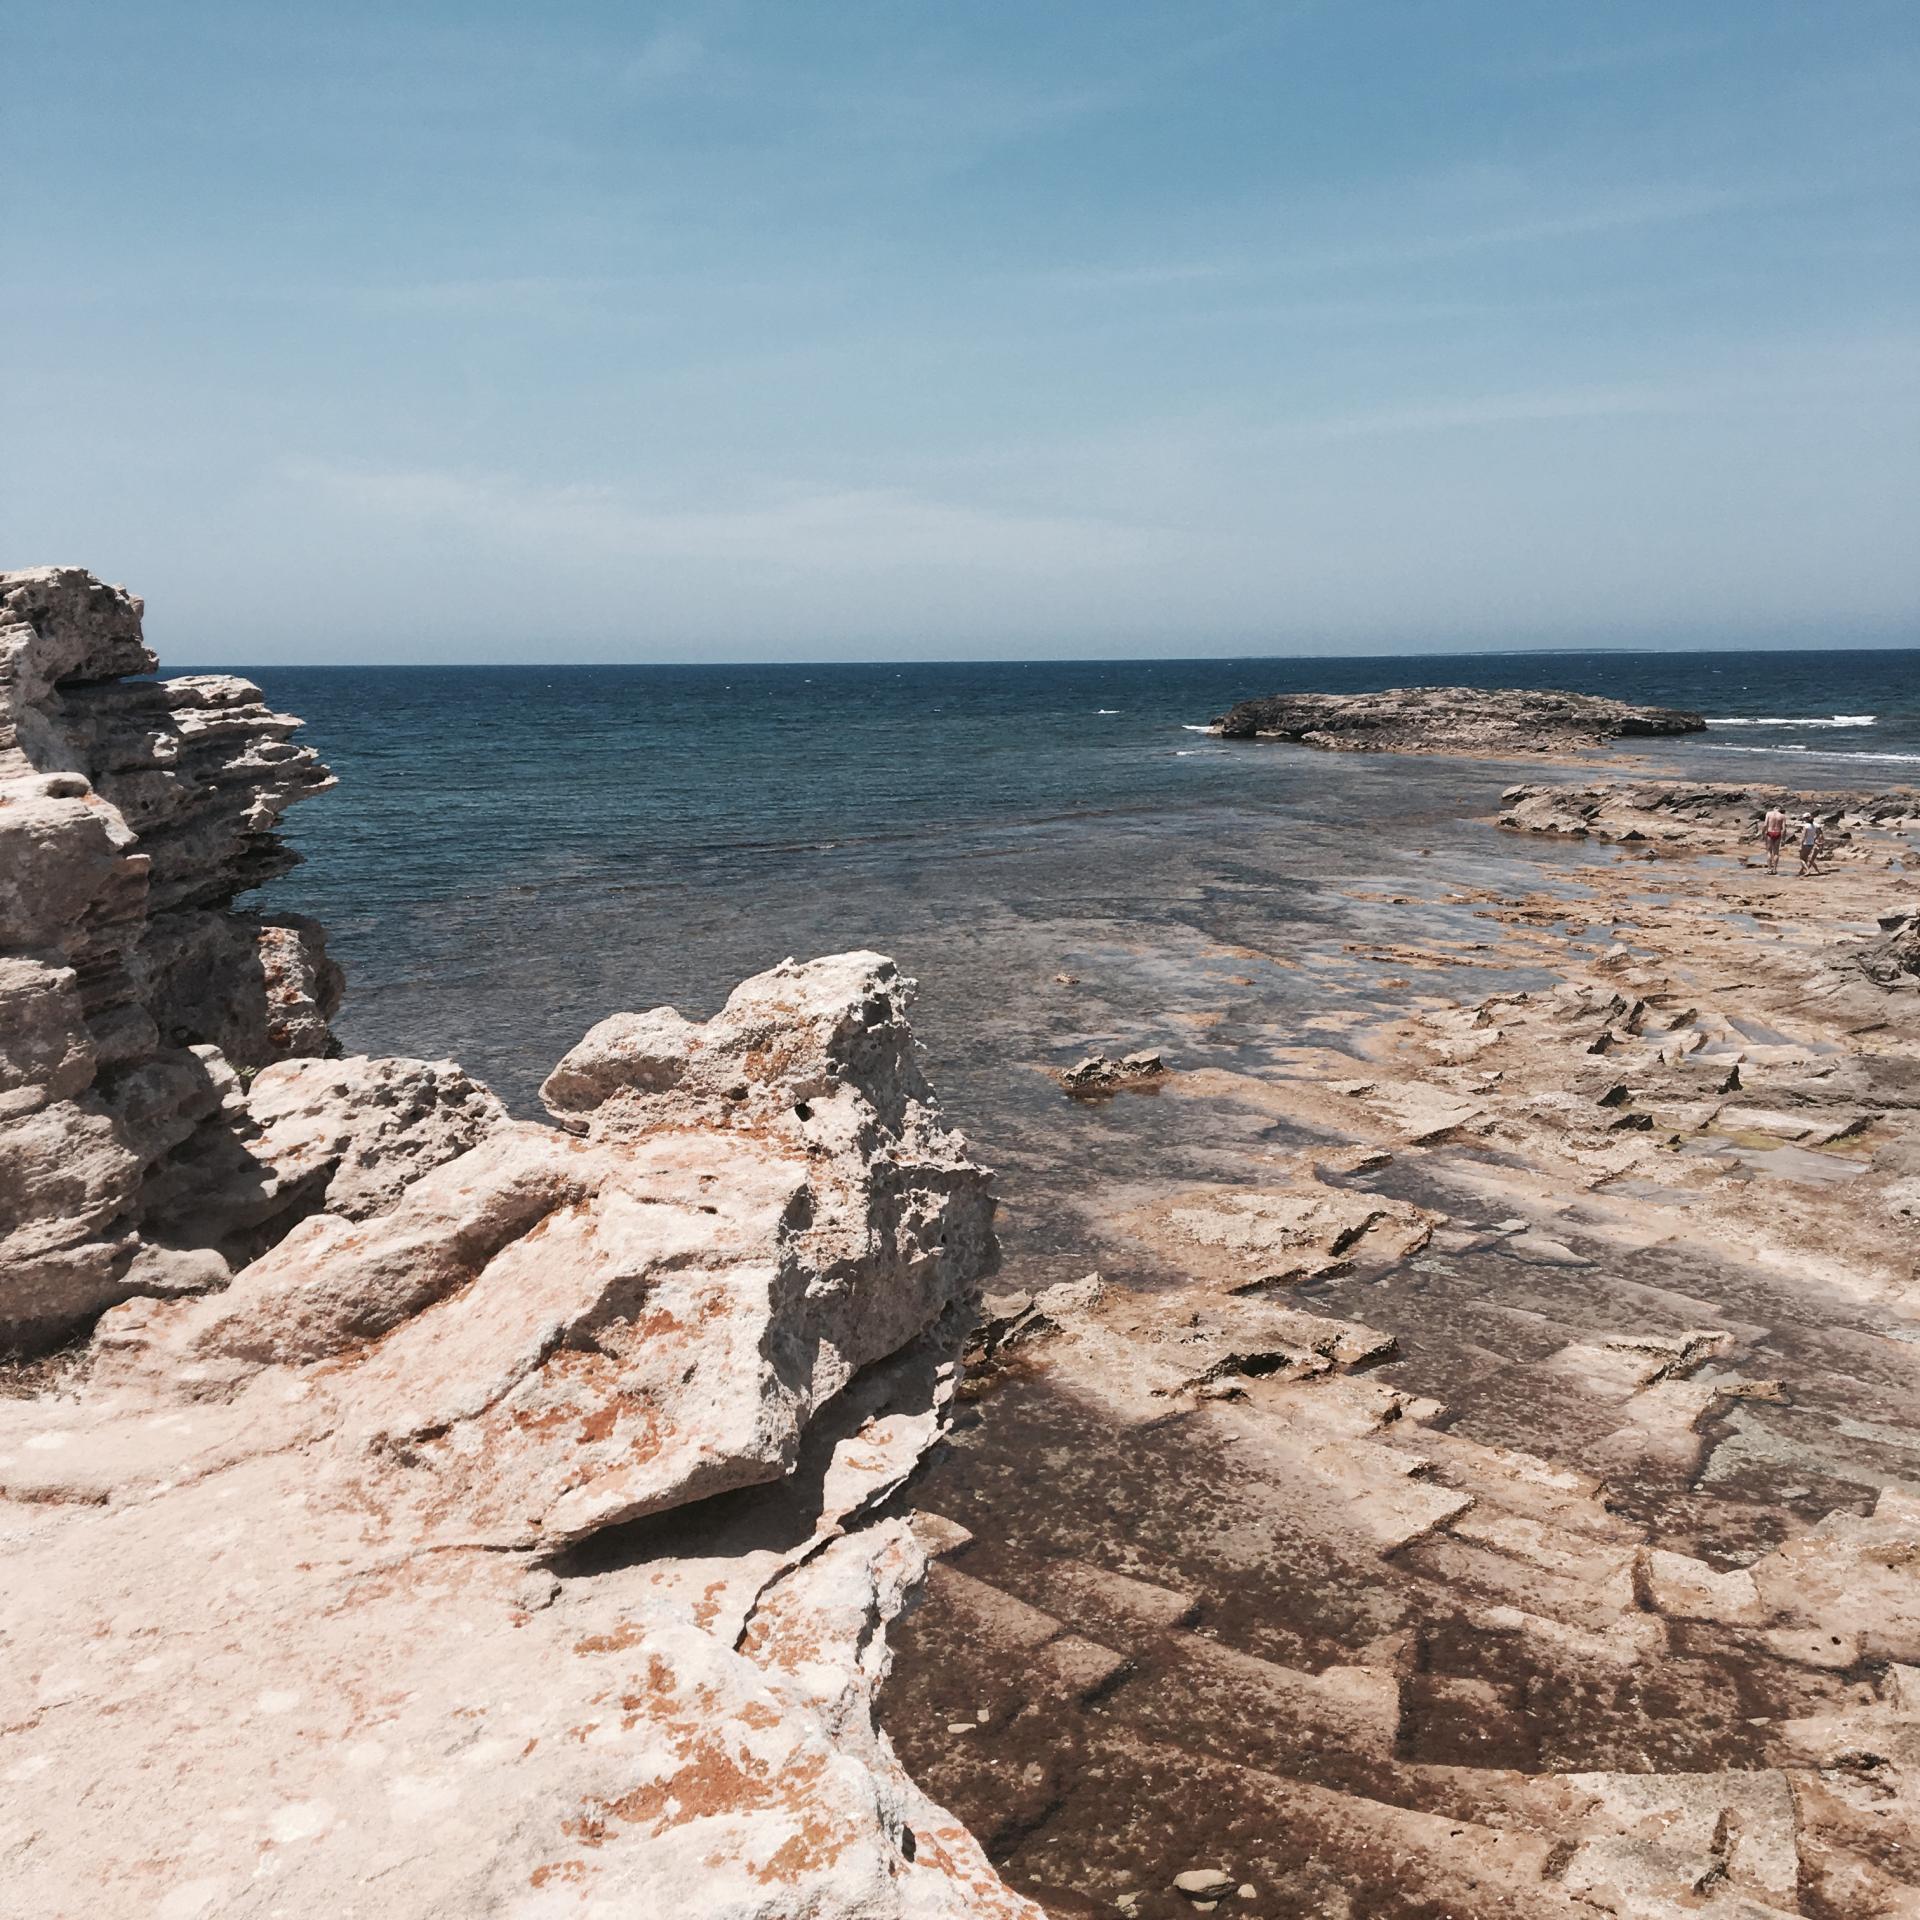 Mon voyage en Sardaigne entre copines 19